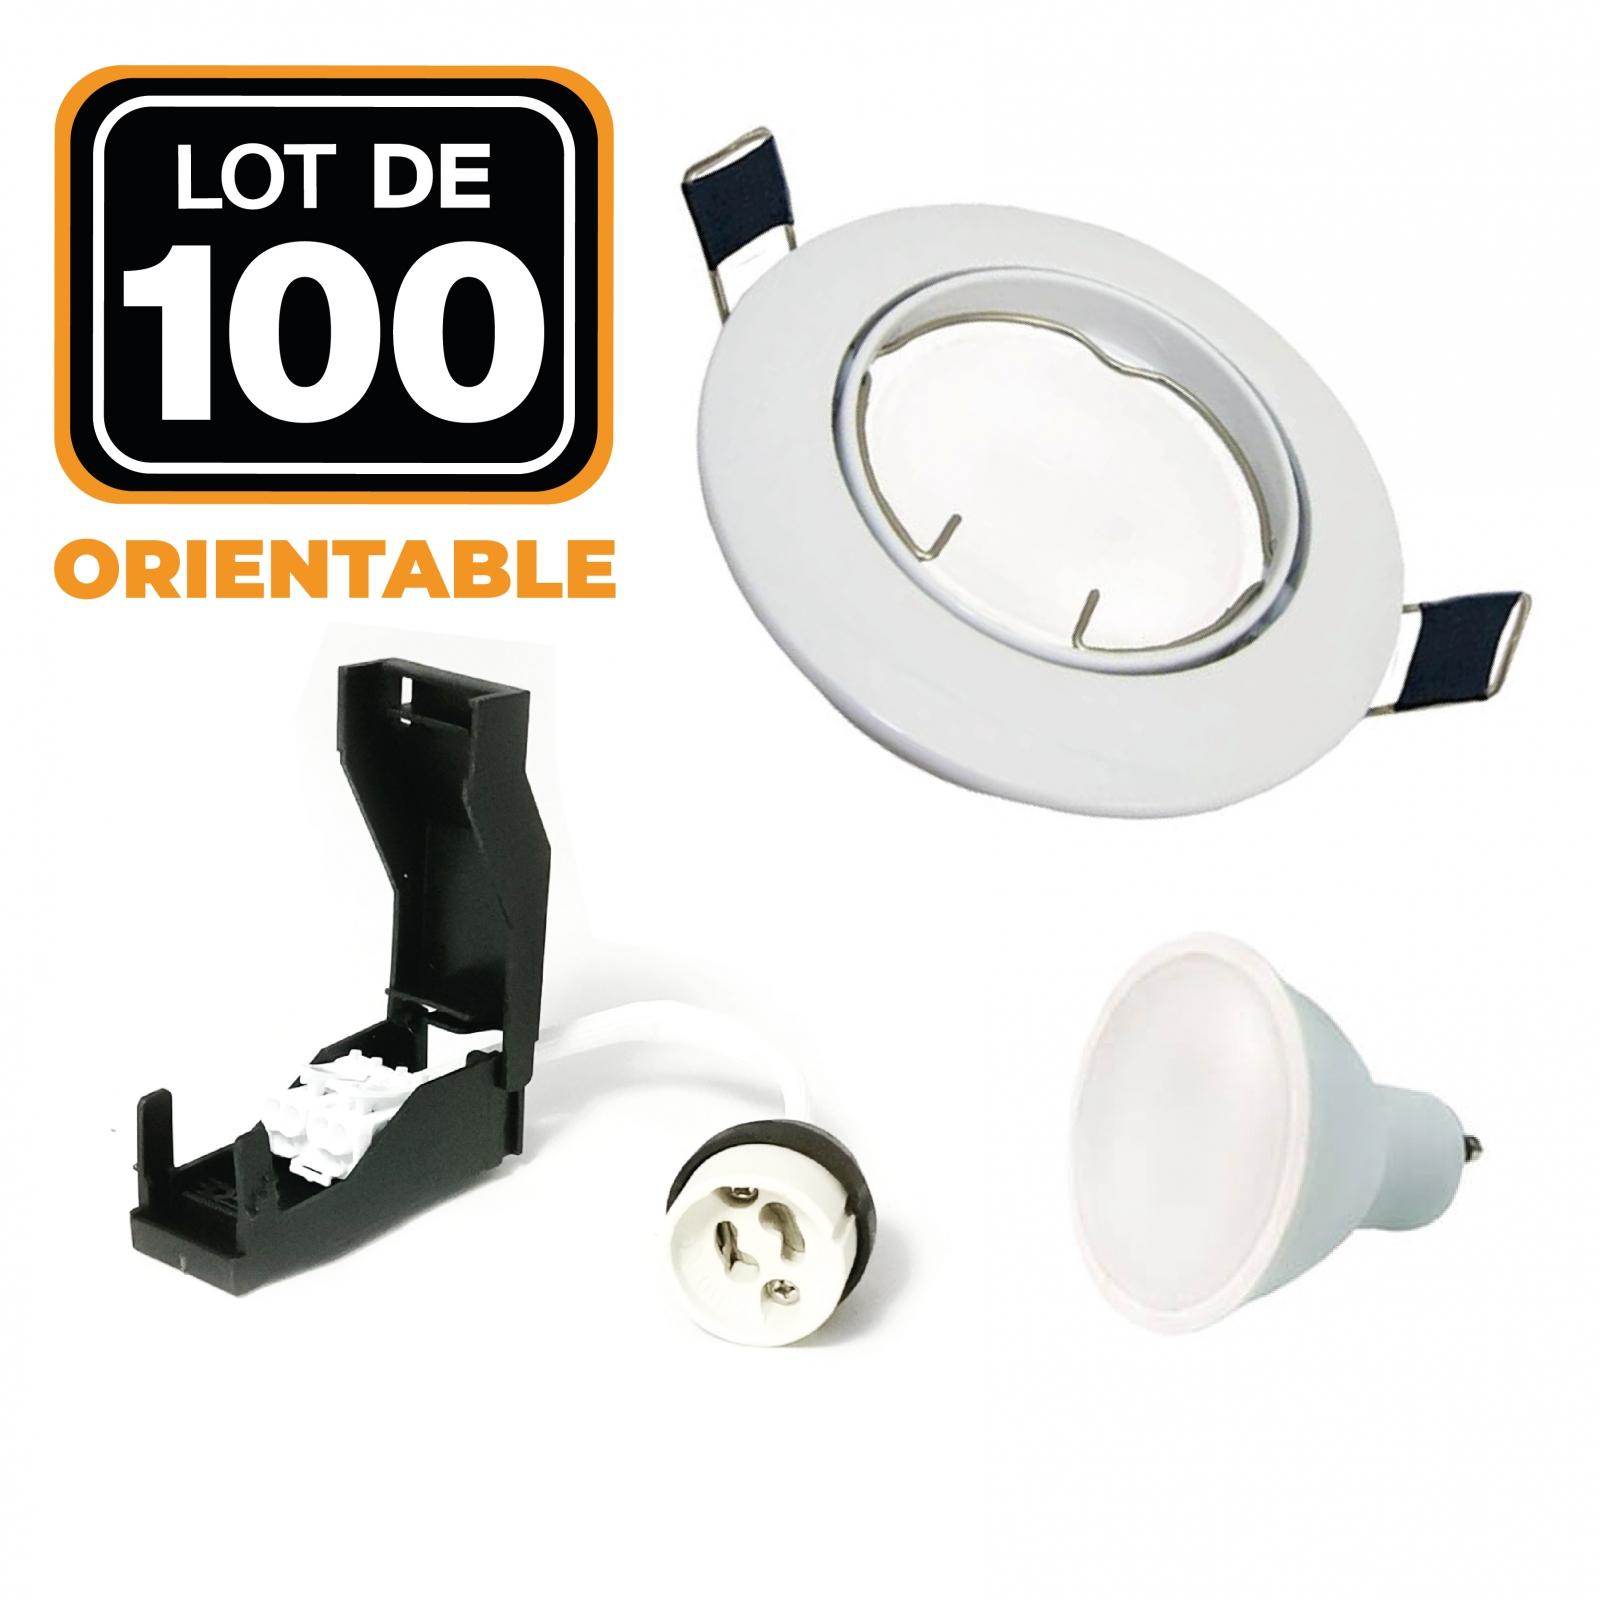 Lot de 100 Spots encastrable orientable BLANC avec GU10 LED de 5W eqv. 40W